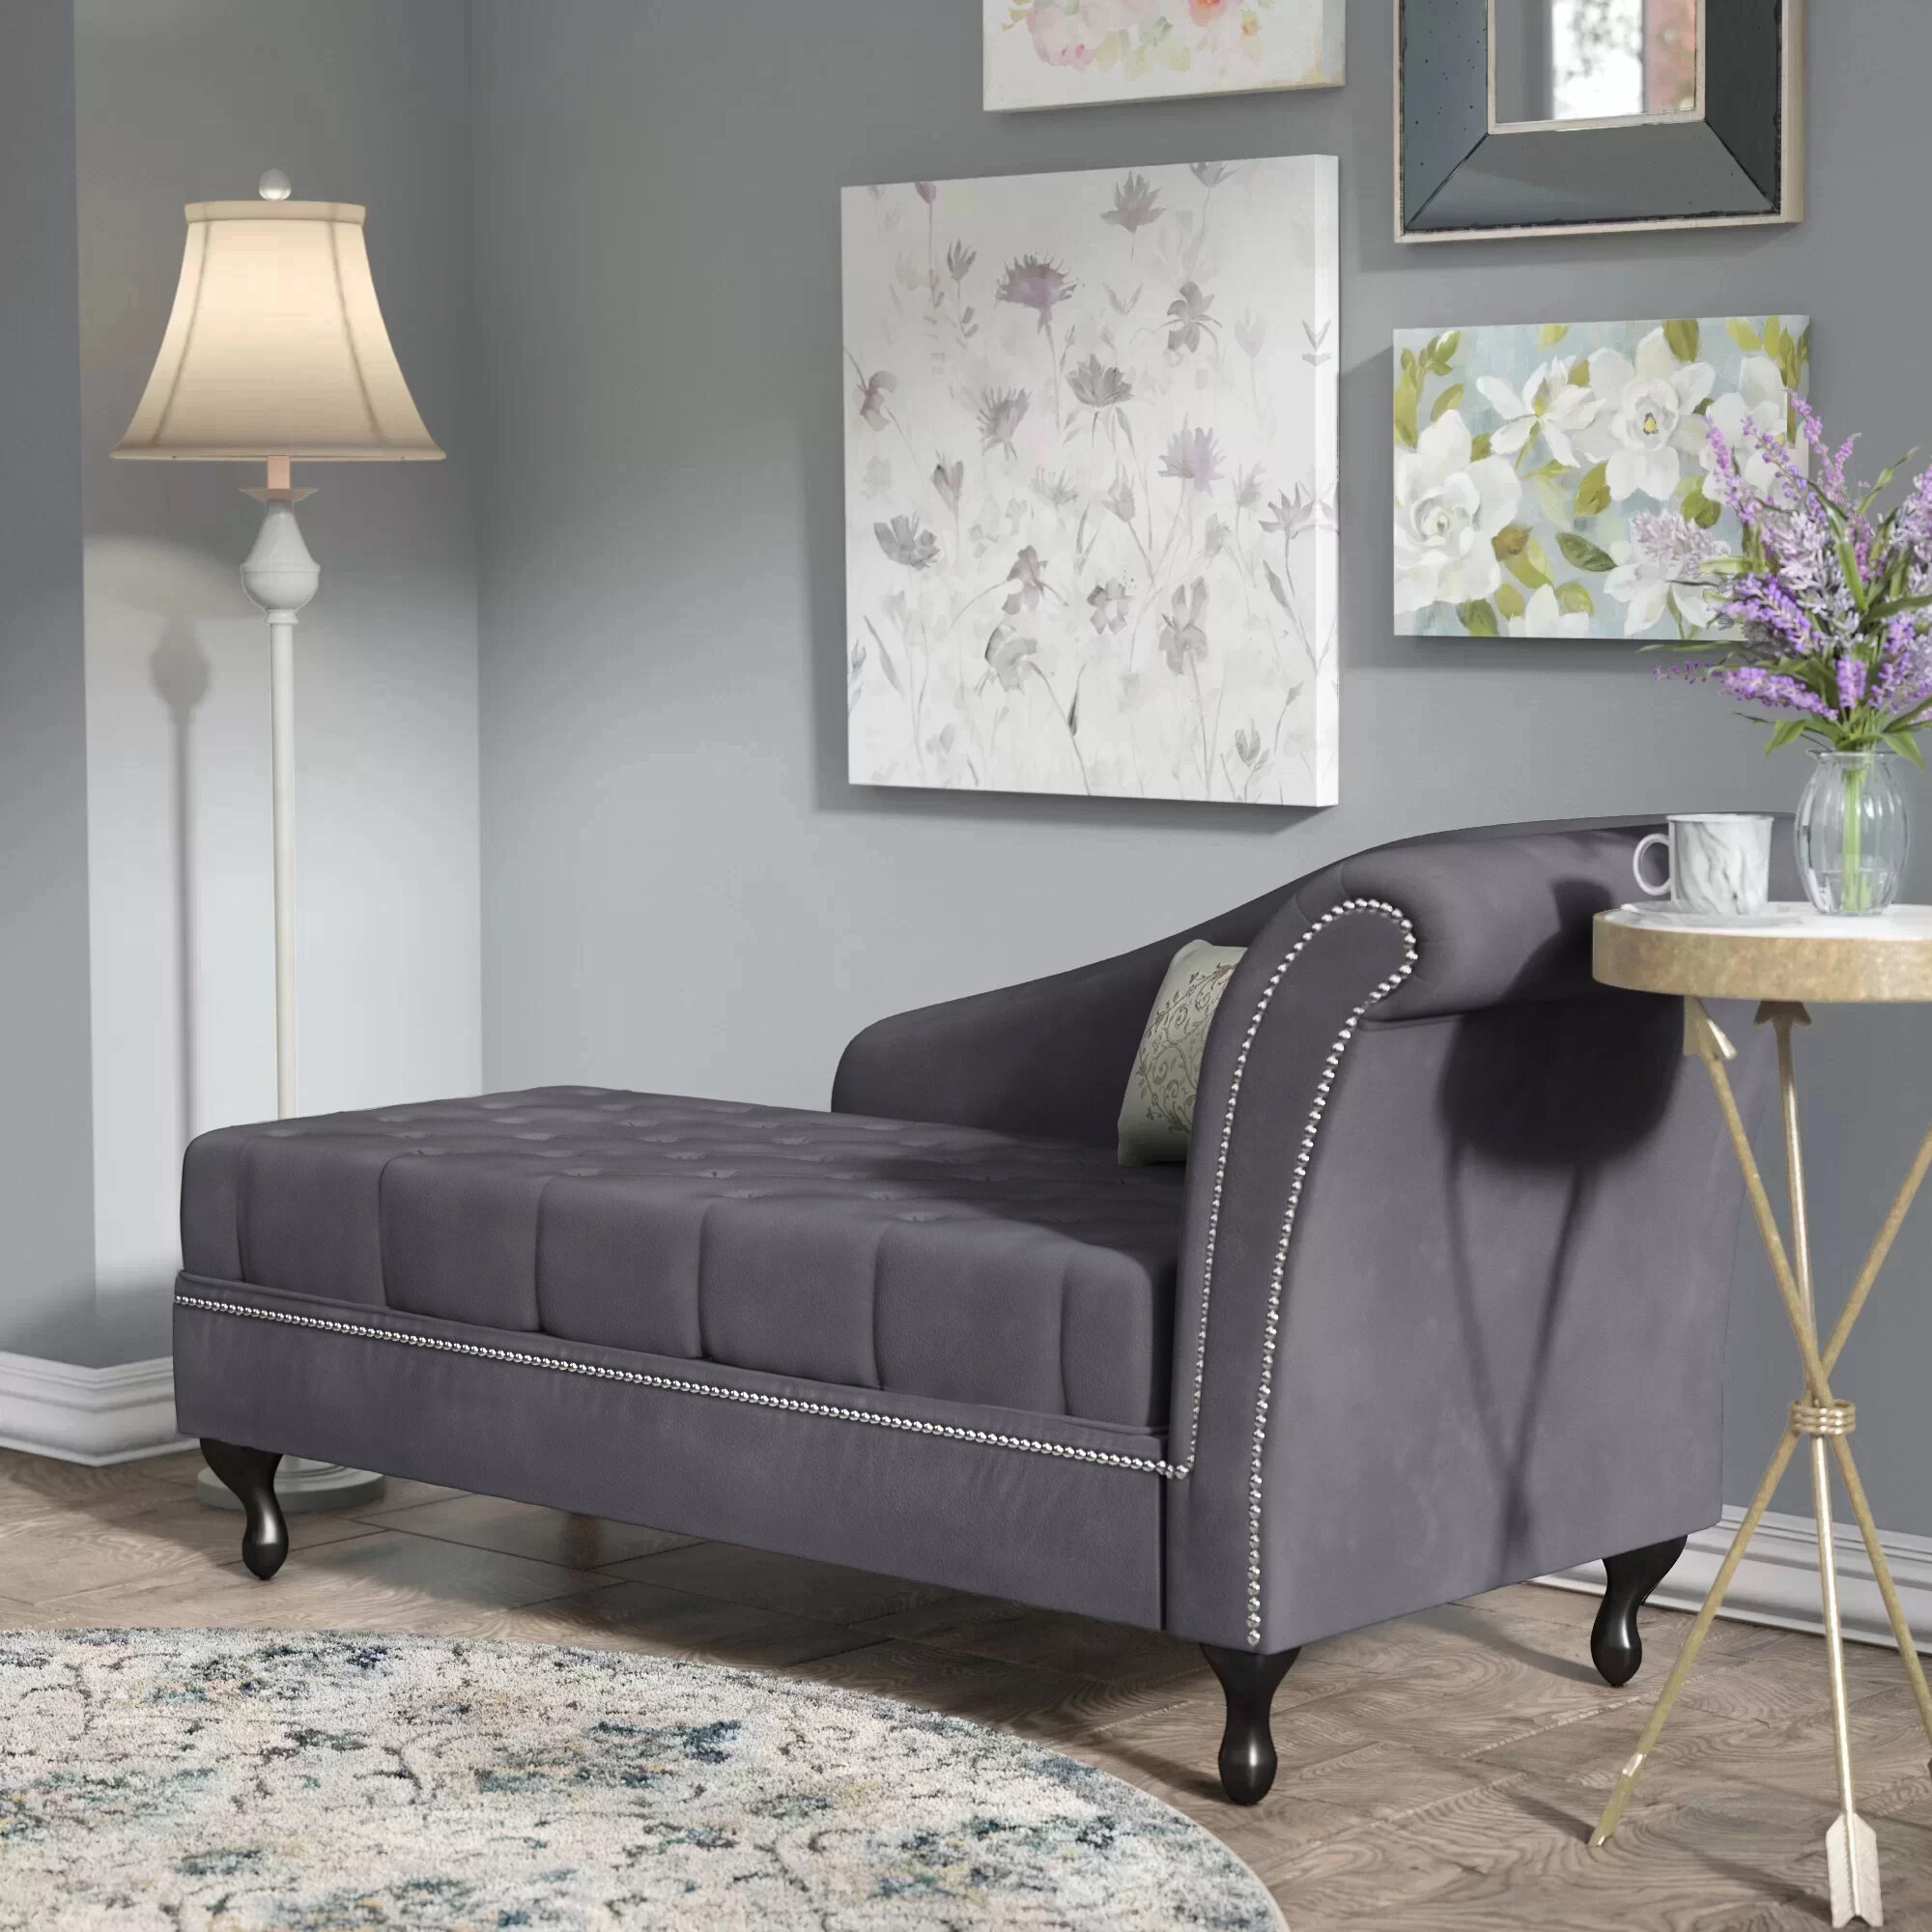 Living Room Chaise Lounger Modern Livingroom